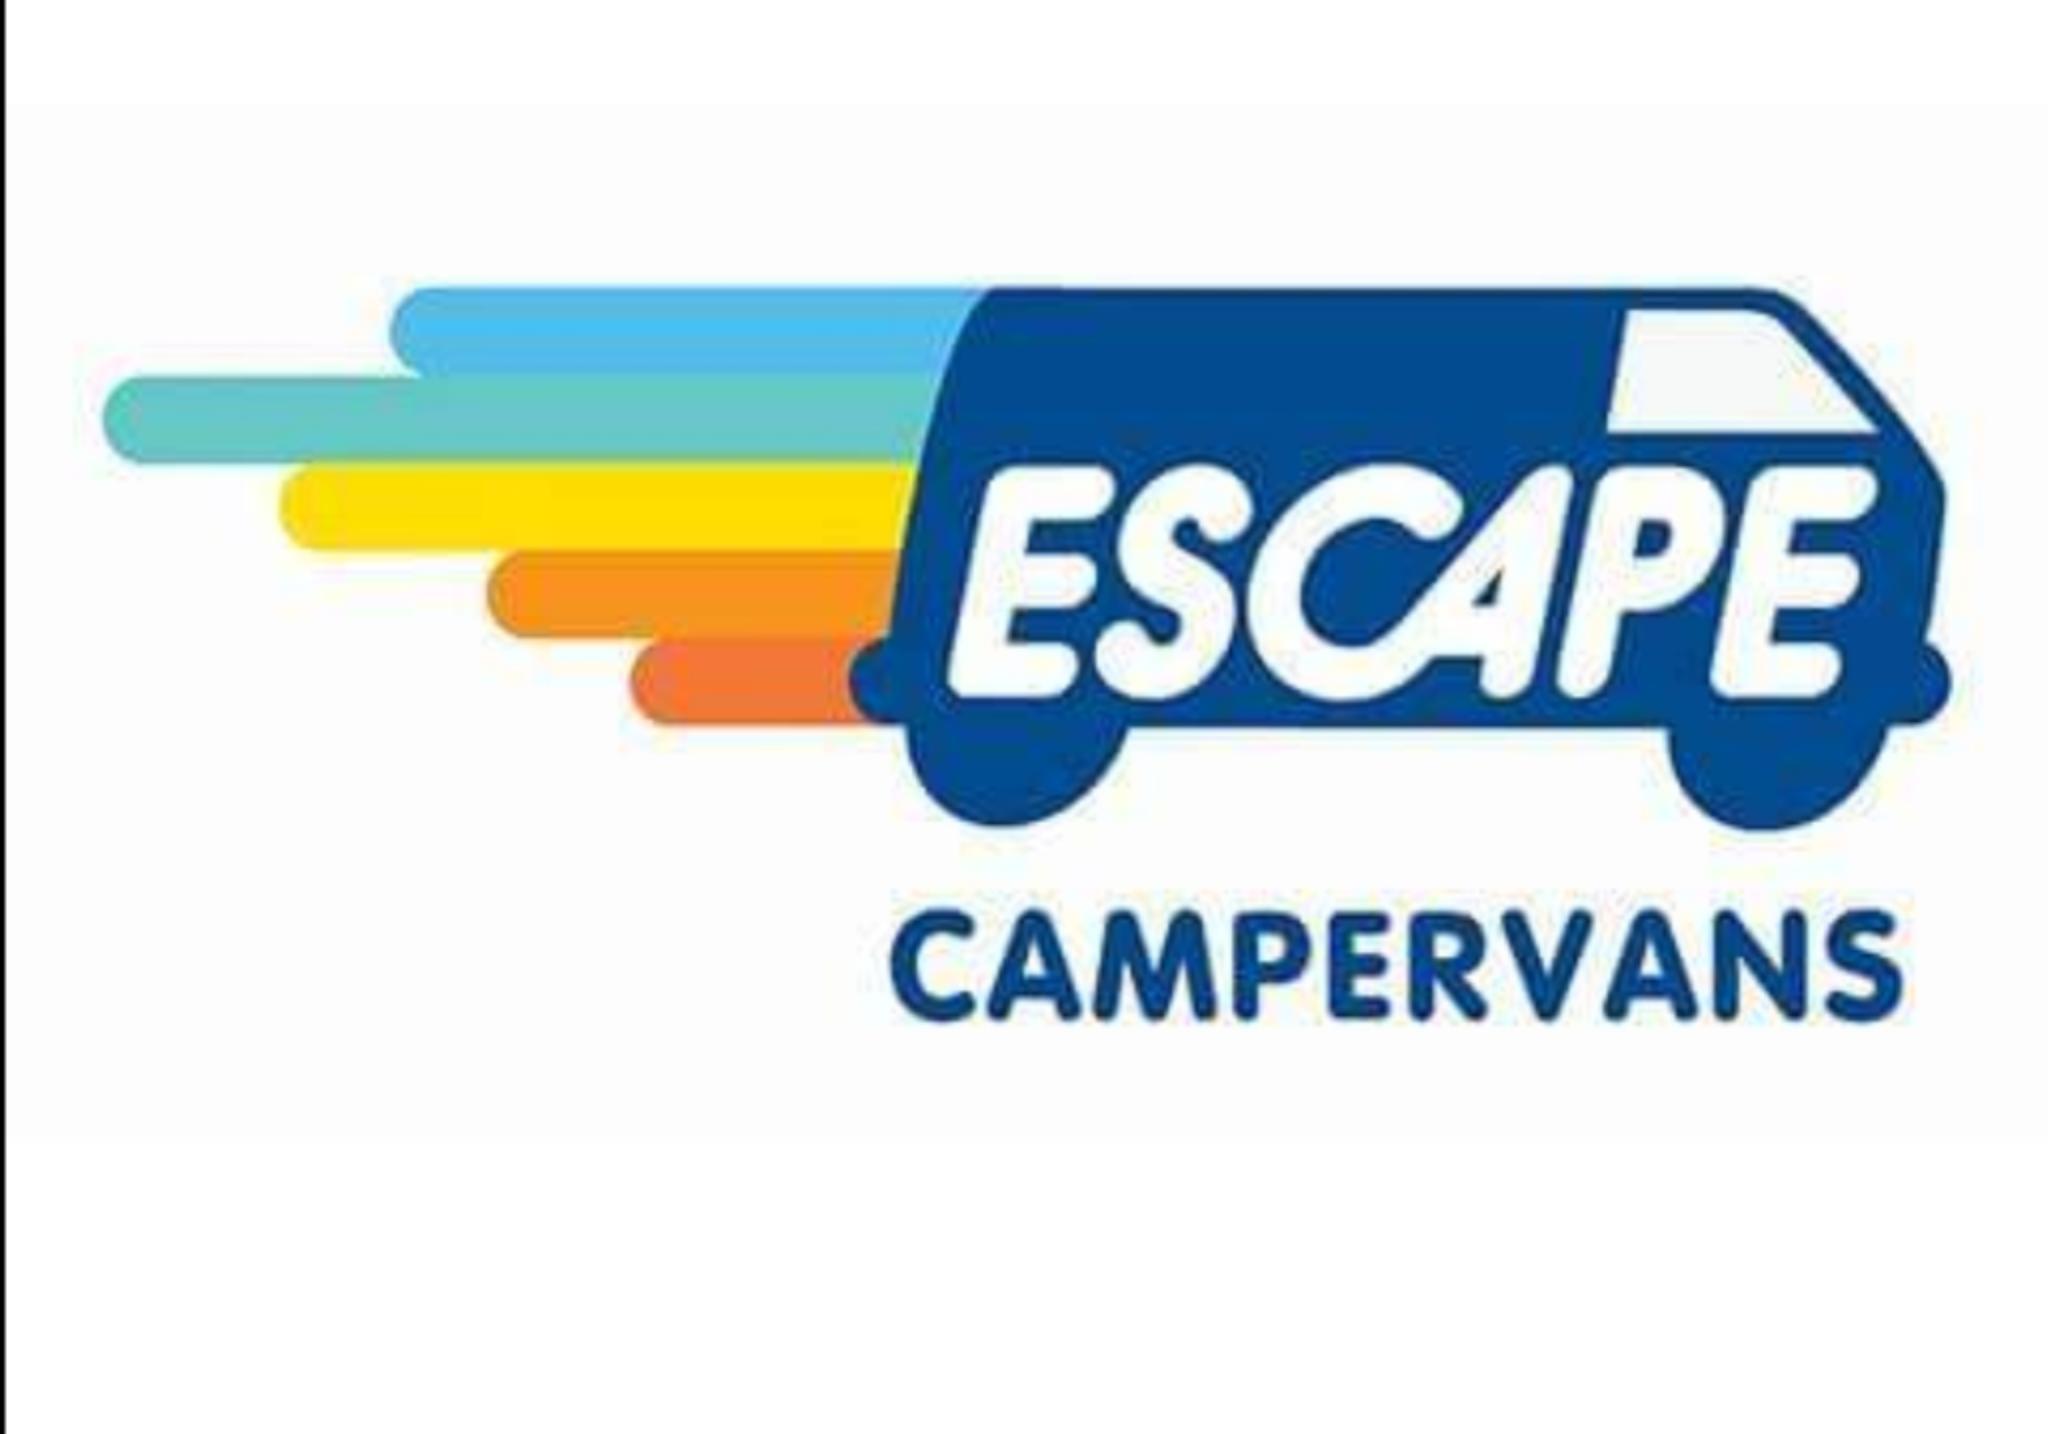 Image from escapecampervans.com